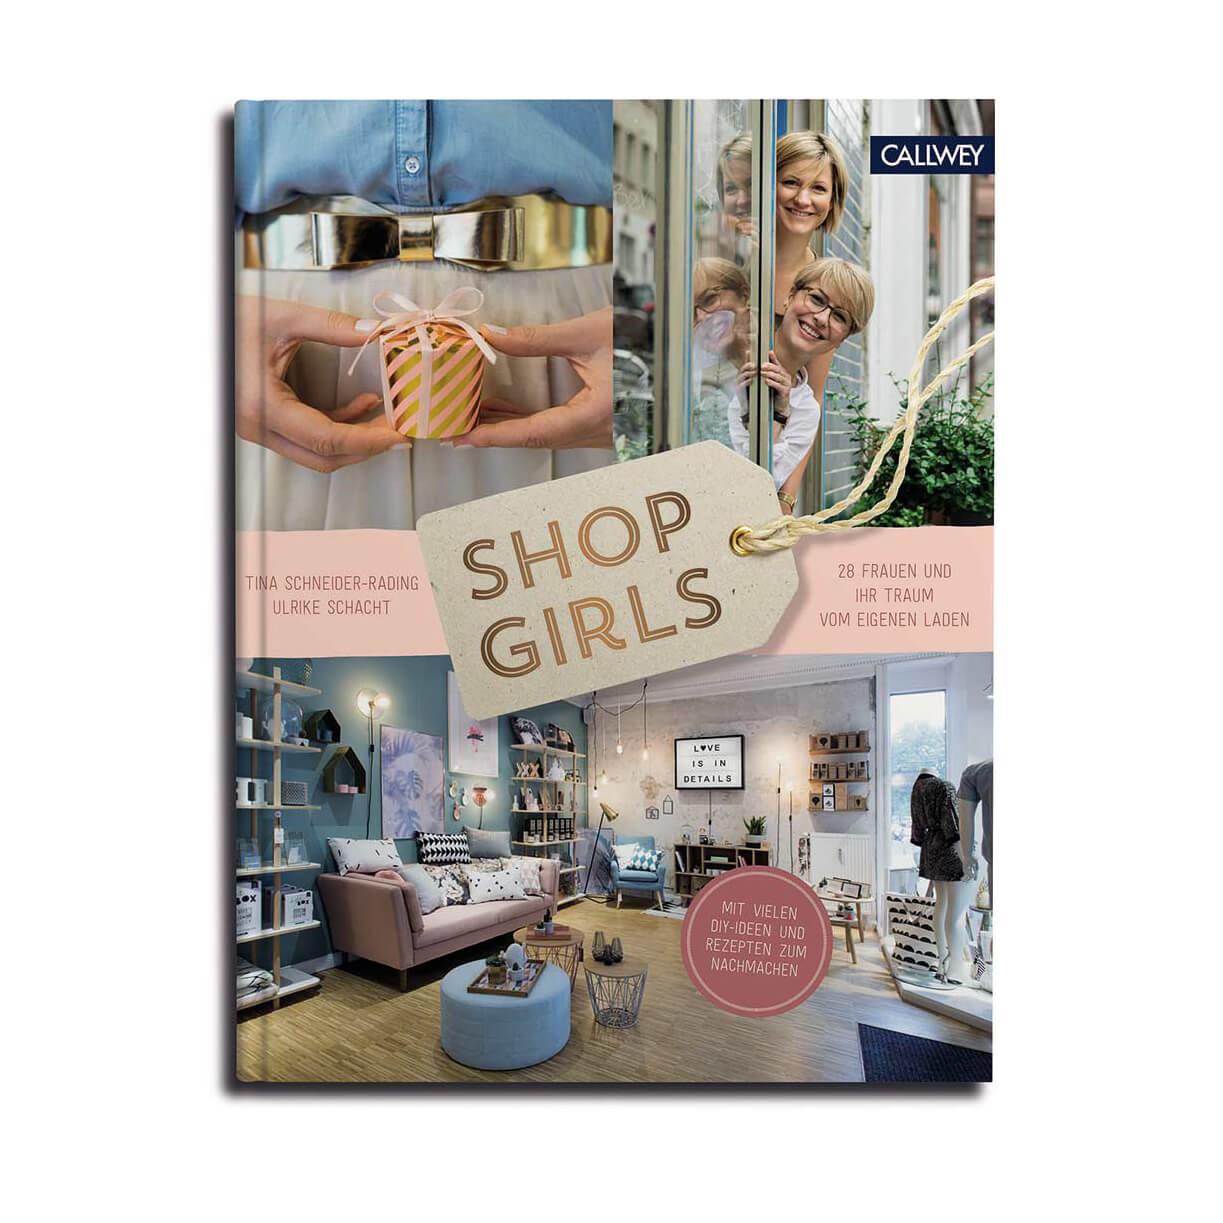 Shop Girls – DIY Ideen & Rezepte